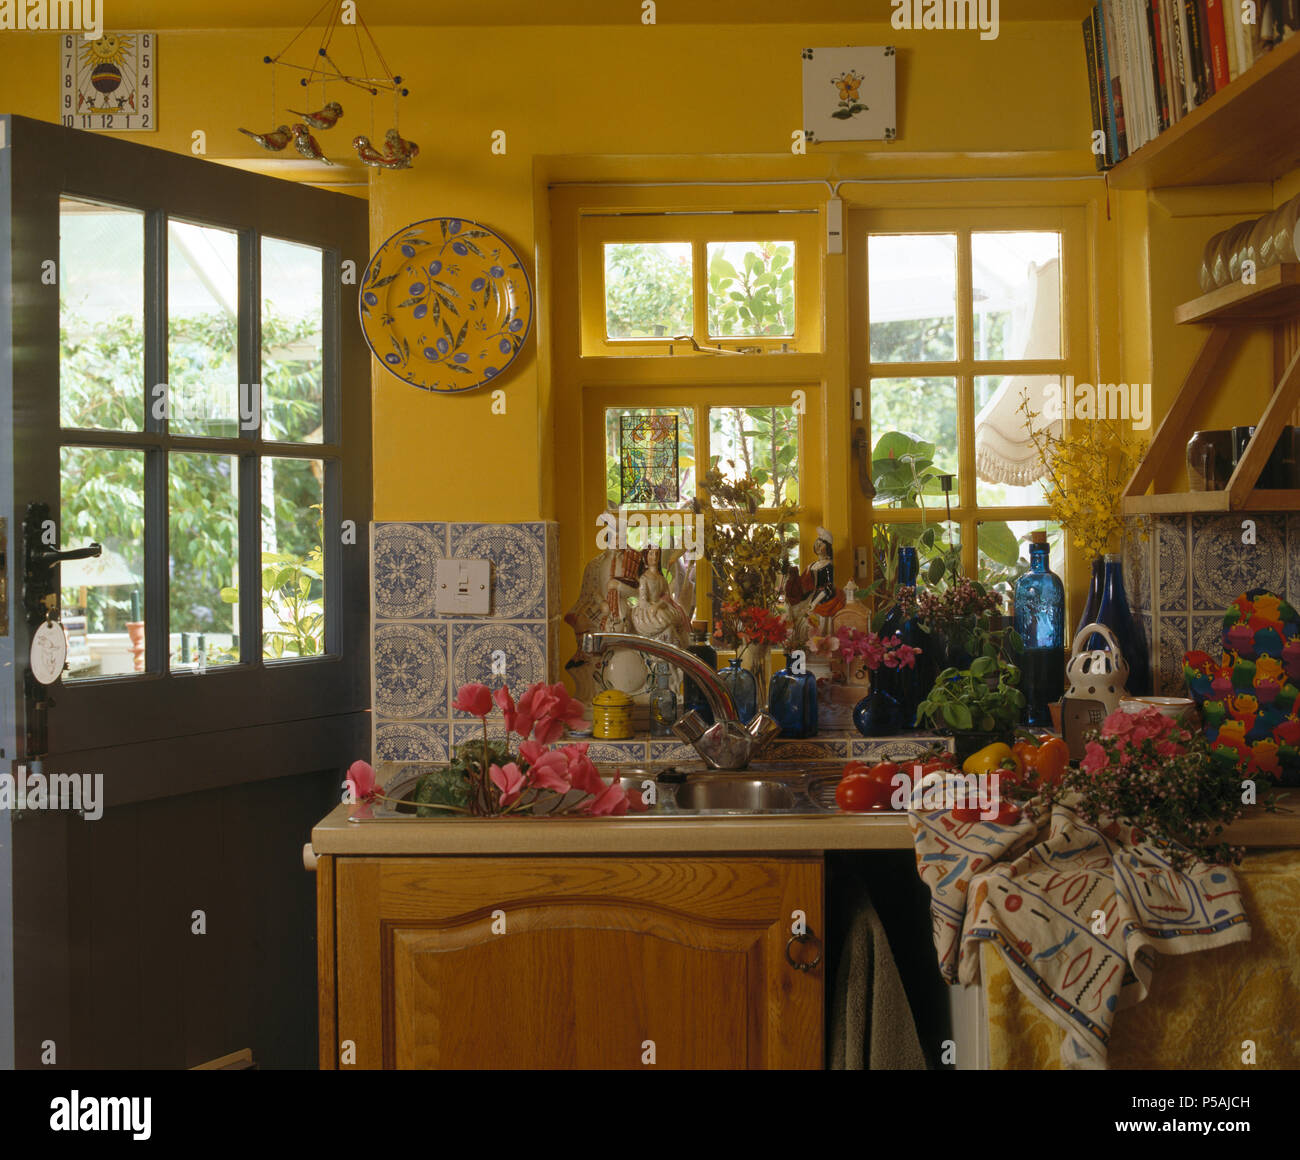 Summer Flowers In Sink Below Window In Yellow Cottage